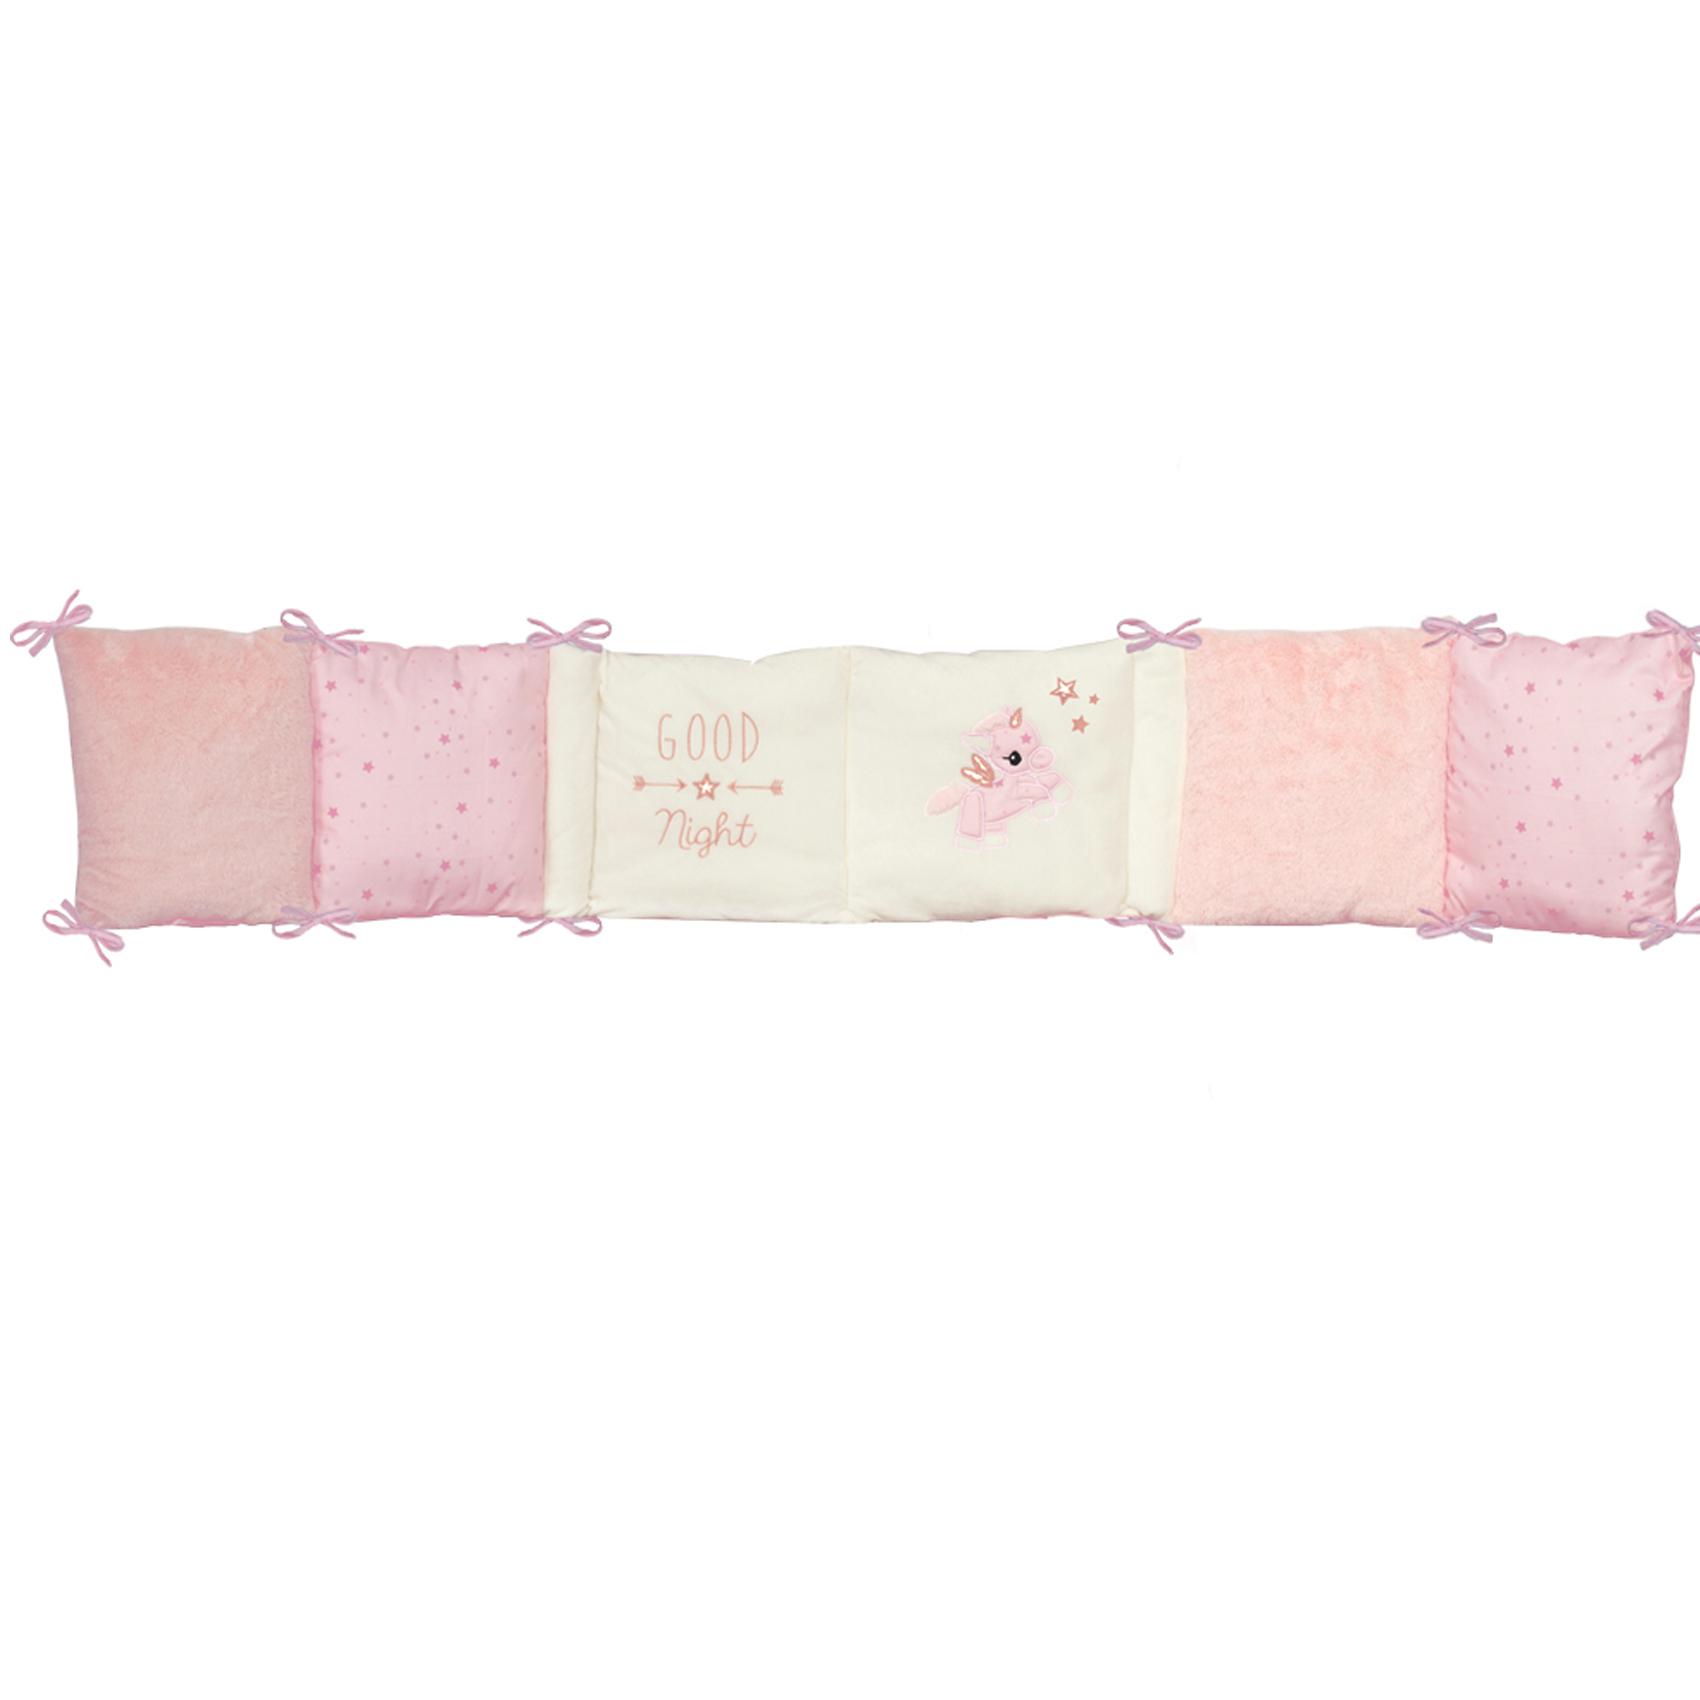 Tour de lit bébé adaptable JOLLY coton Rose/Ecru 30x180